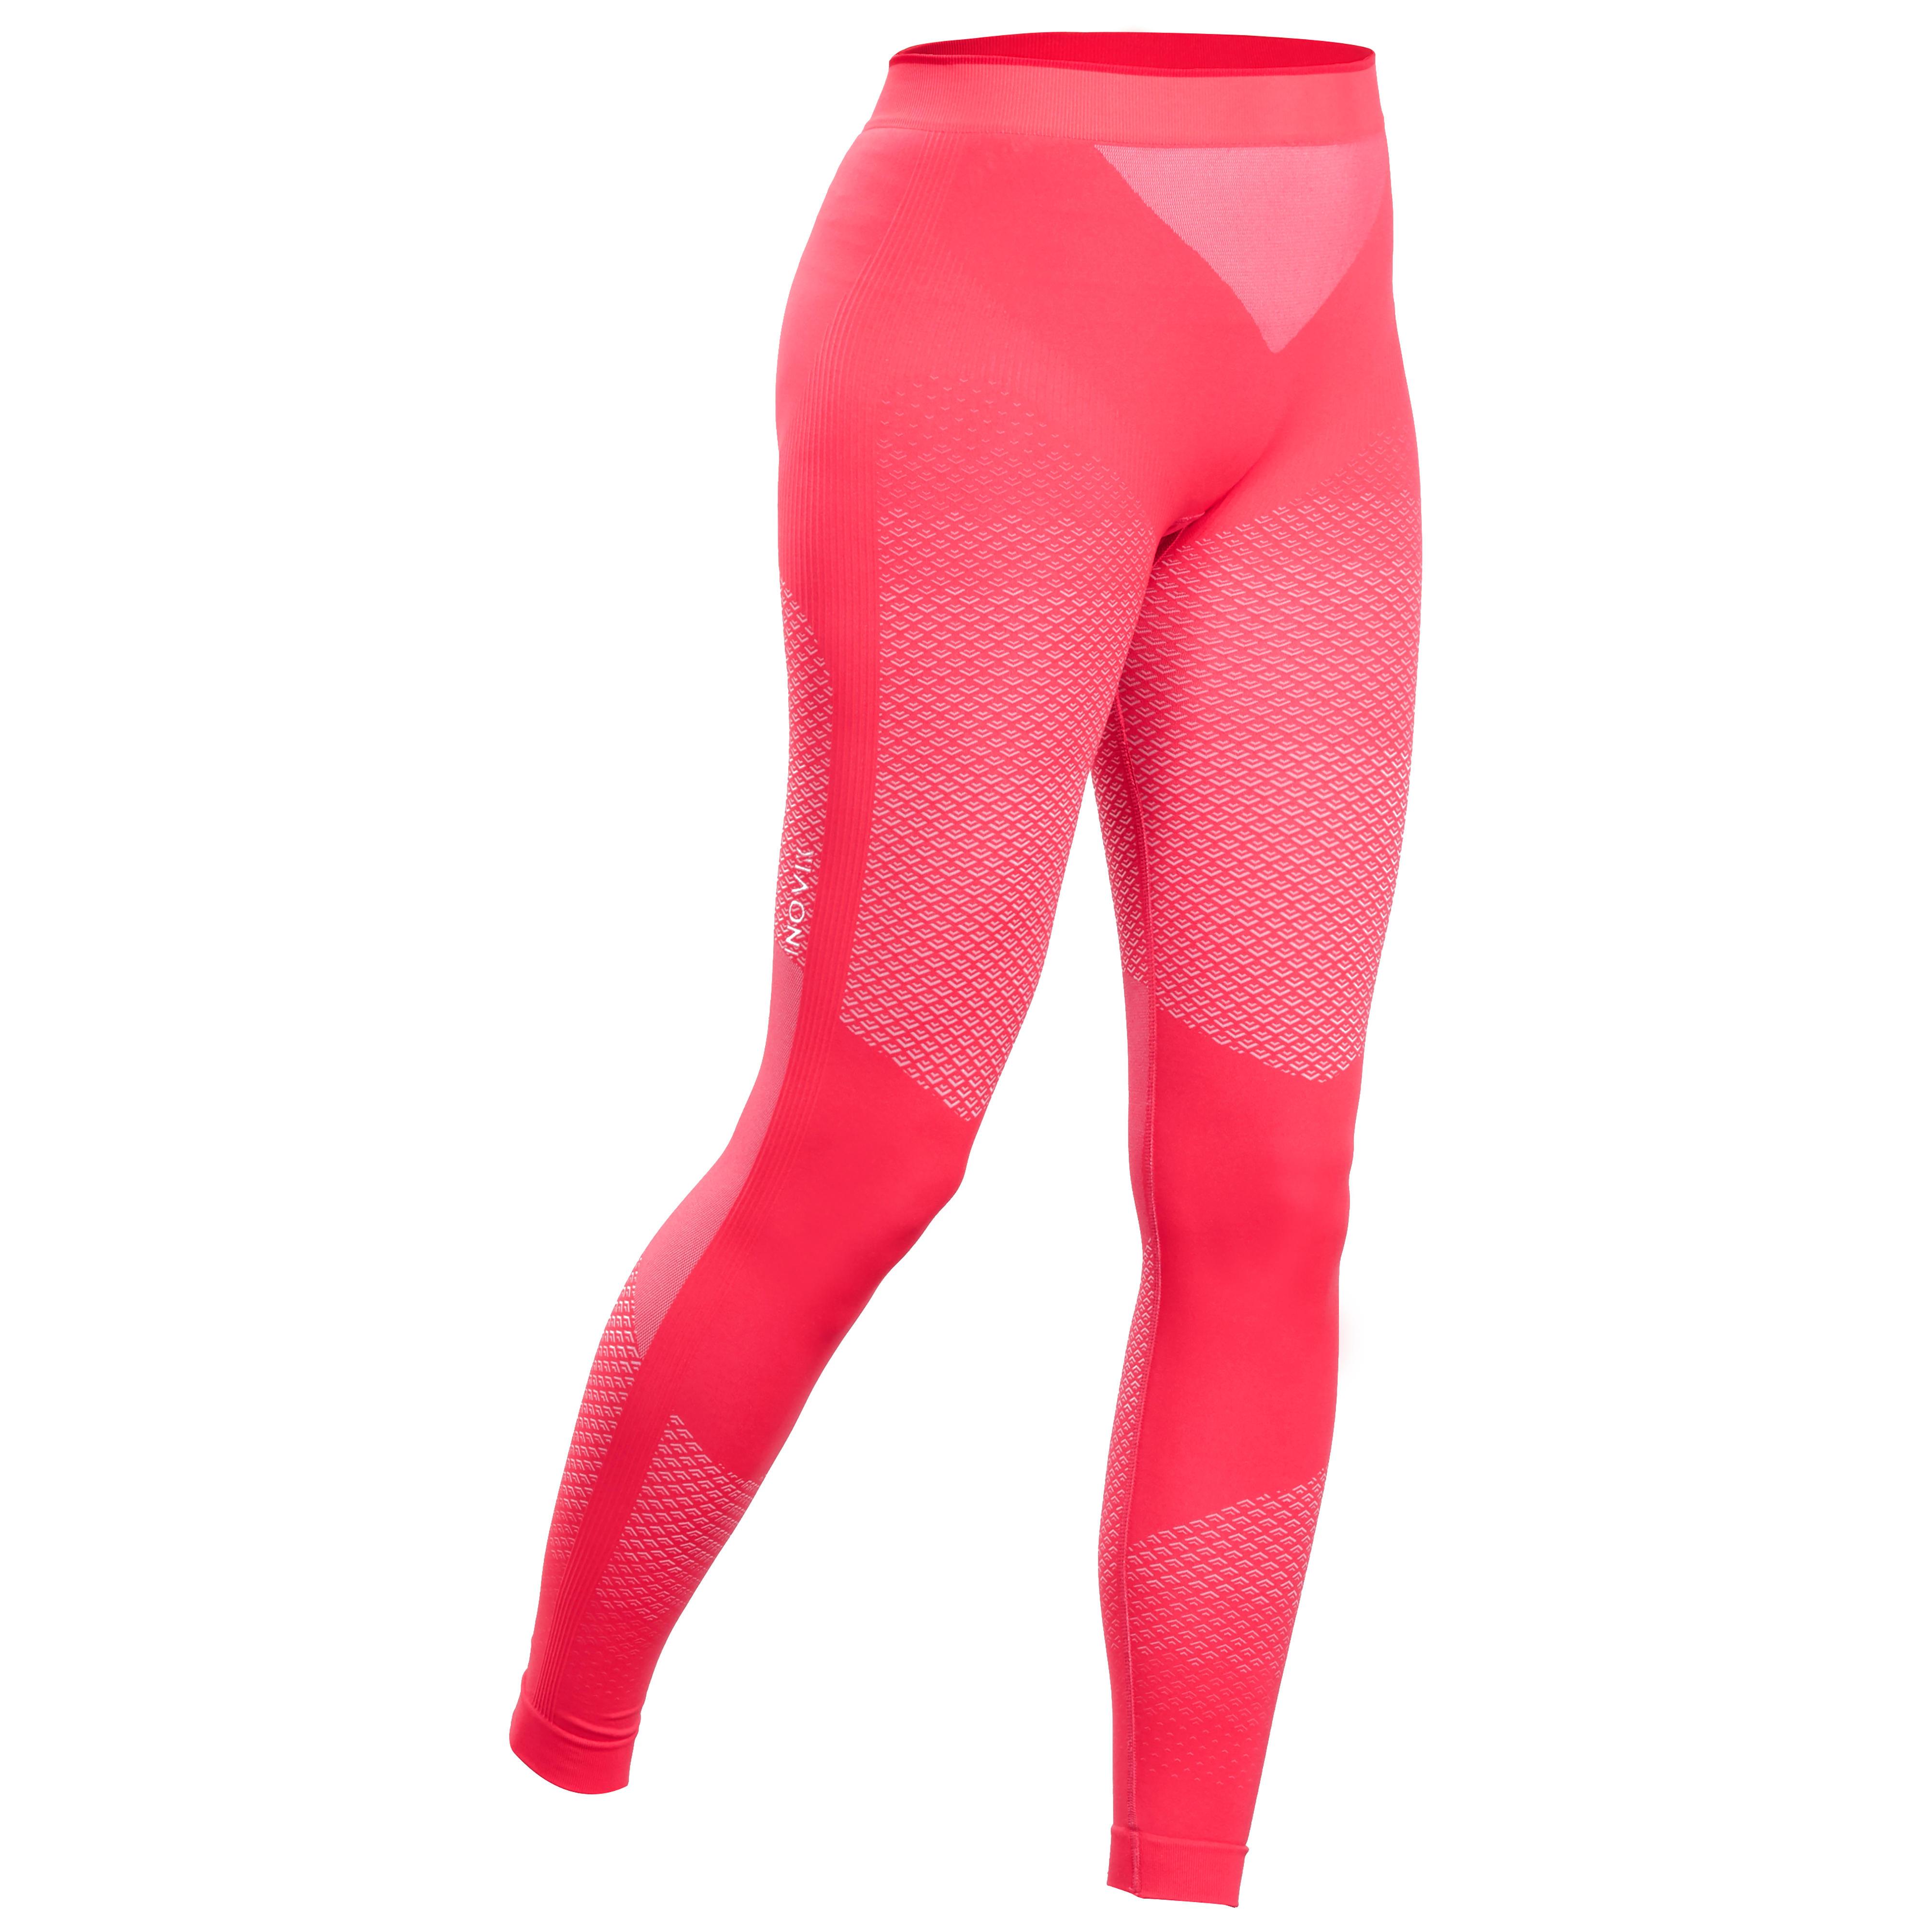 Lange Skiunterhose XC S 500 Langlauf Damen rosa | Sportbekleidung > Funktionswäsche > Thermounterwäsche | Inovik